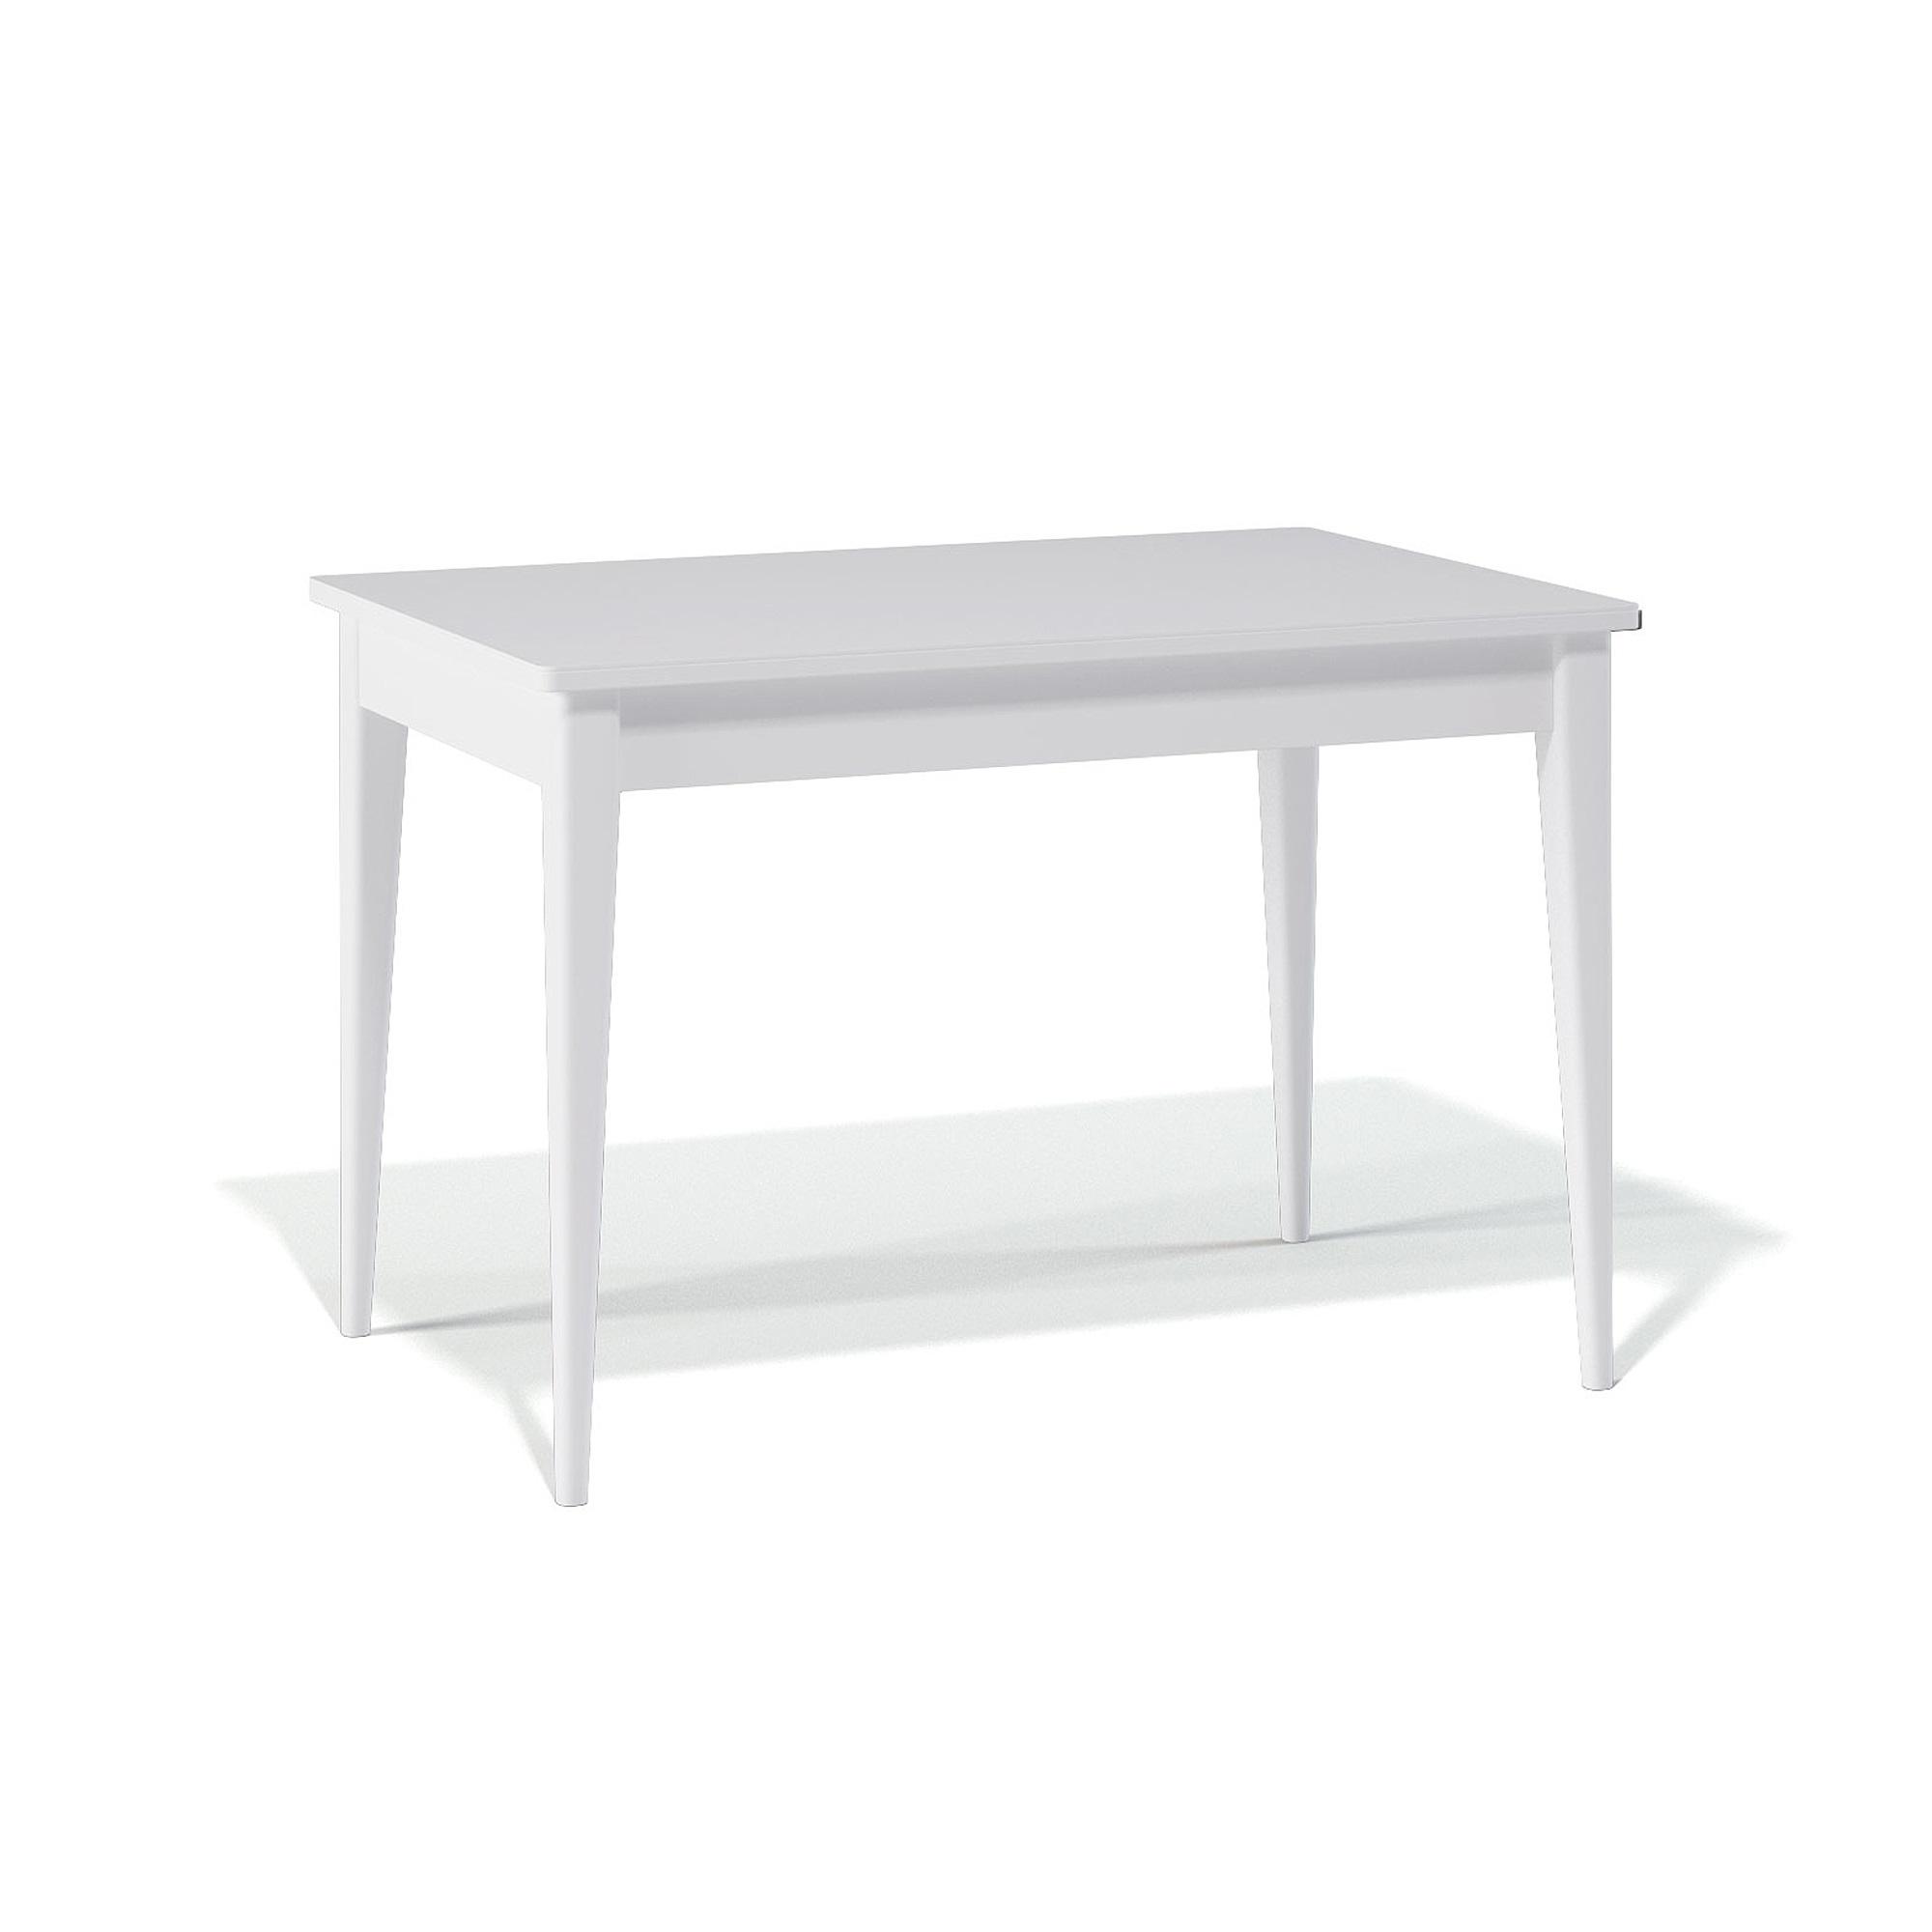 Стол обеденный KennerОбеденные столы<br>Изюминка и оригинальность этого стола заключается в его механизме раскладки. Раскладка происходит вместе с опорами - такой механизм называется &amp;quot;телескоп&amp;quot; - очень удобно и быстро можно организовать дополнительное место для гостей.&amp;amp;nbsp;&amp;lt;div&amp;gt;&amp;lt;br&amp;gt;&amp;lt;/div&amp;gt;&amp;lt;div&amp;gt;Столешница стола выполнена из стекла (4 мм)+лдсп, ножки стола - массив бука.&amp;amp;nbsp;&amp;lt;/div&amp;gt;&amp;lt;div&amp;gt;За столом свободно поместится от 6 до 8 человек.&amp;amp;nbsp;&amp;lt;/div&amp;gt;&amp;lt;div&amp;gt;Размеры разложенной столешницы: 170х80 см.&amp;lt;/div&amp;gt;<br><br>Material: Дерево<br>Ширина см: 120<br>Высота см: 76<br>Глубина см: 80